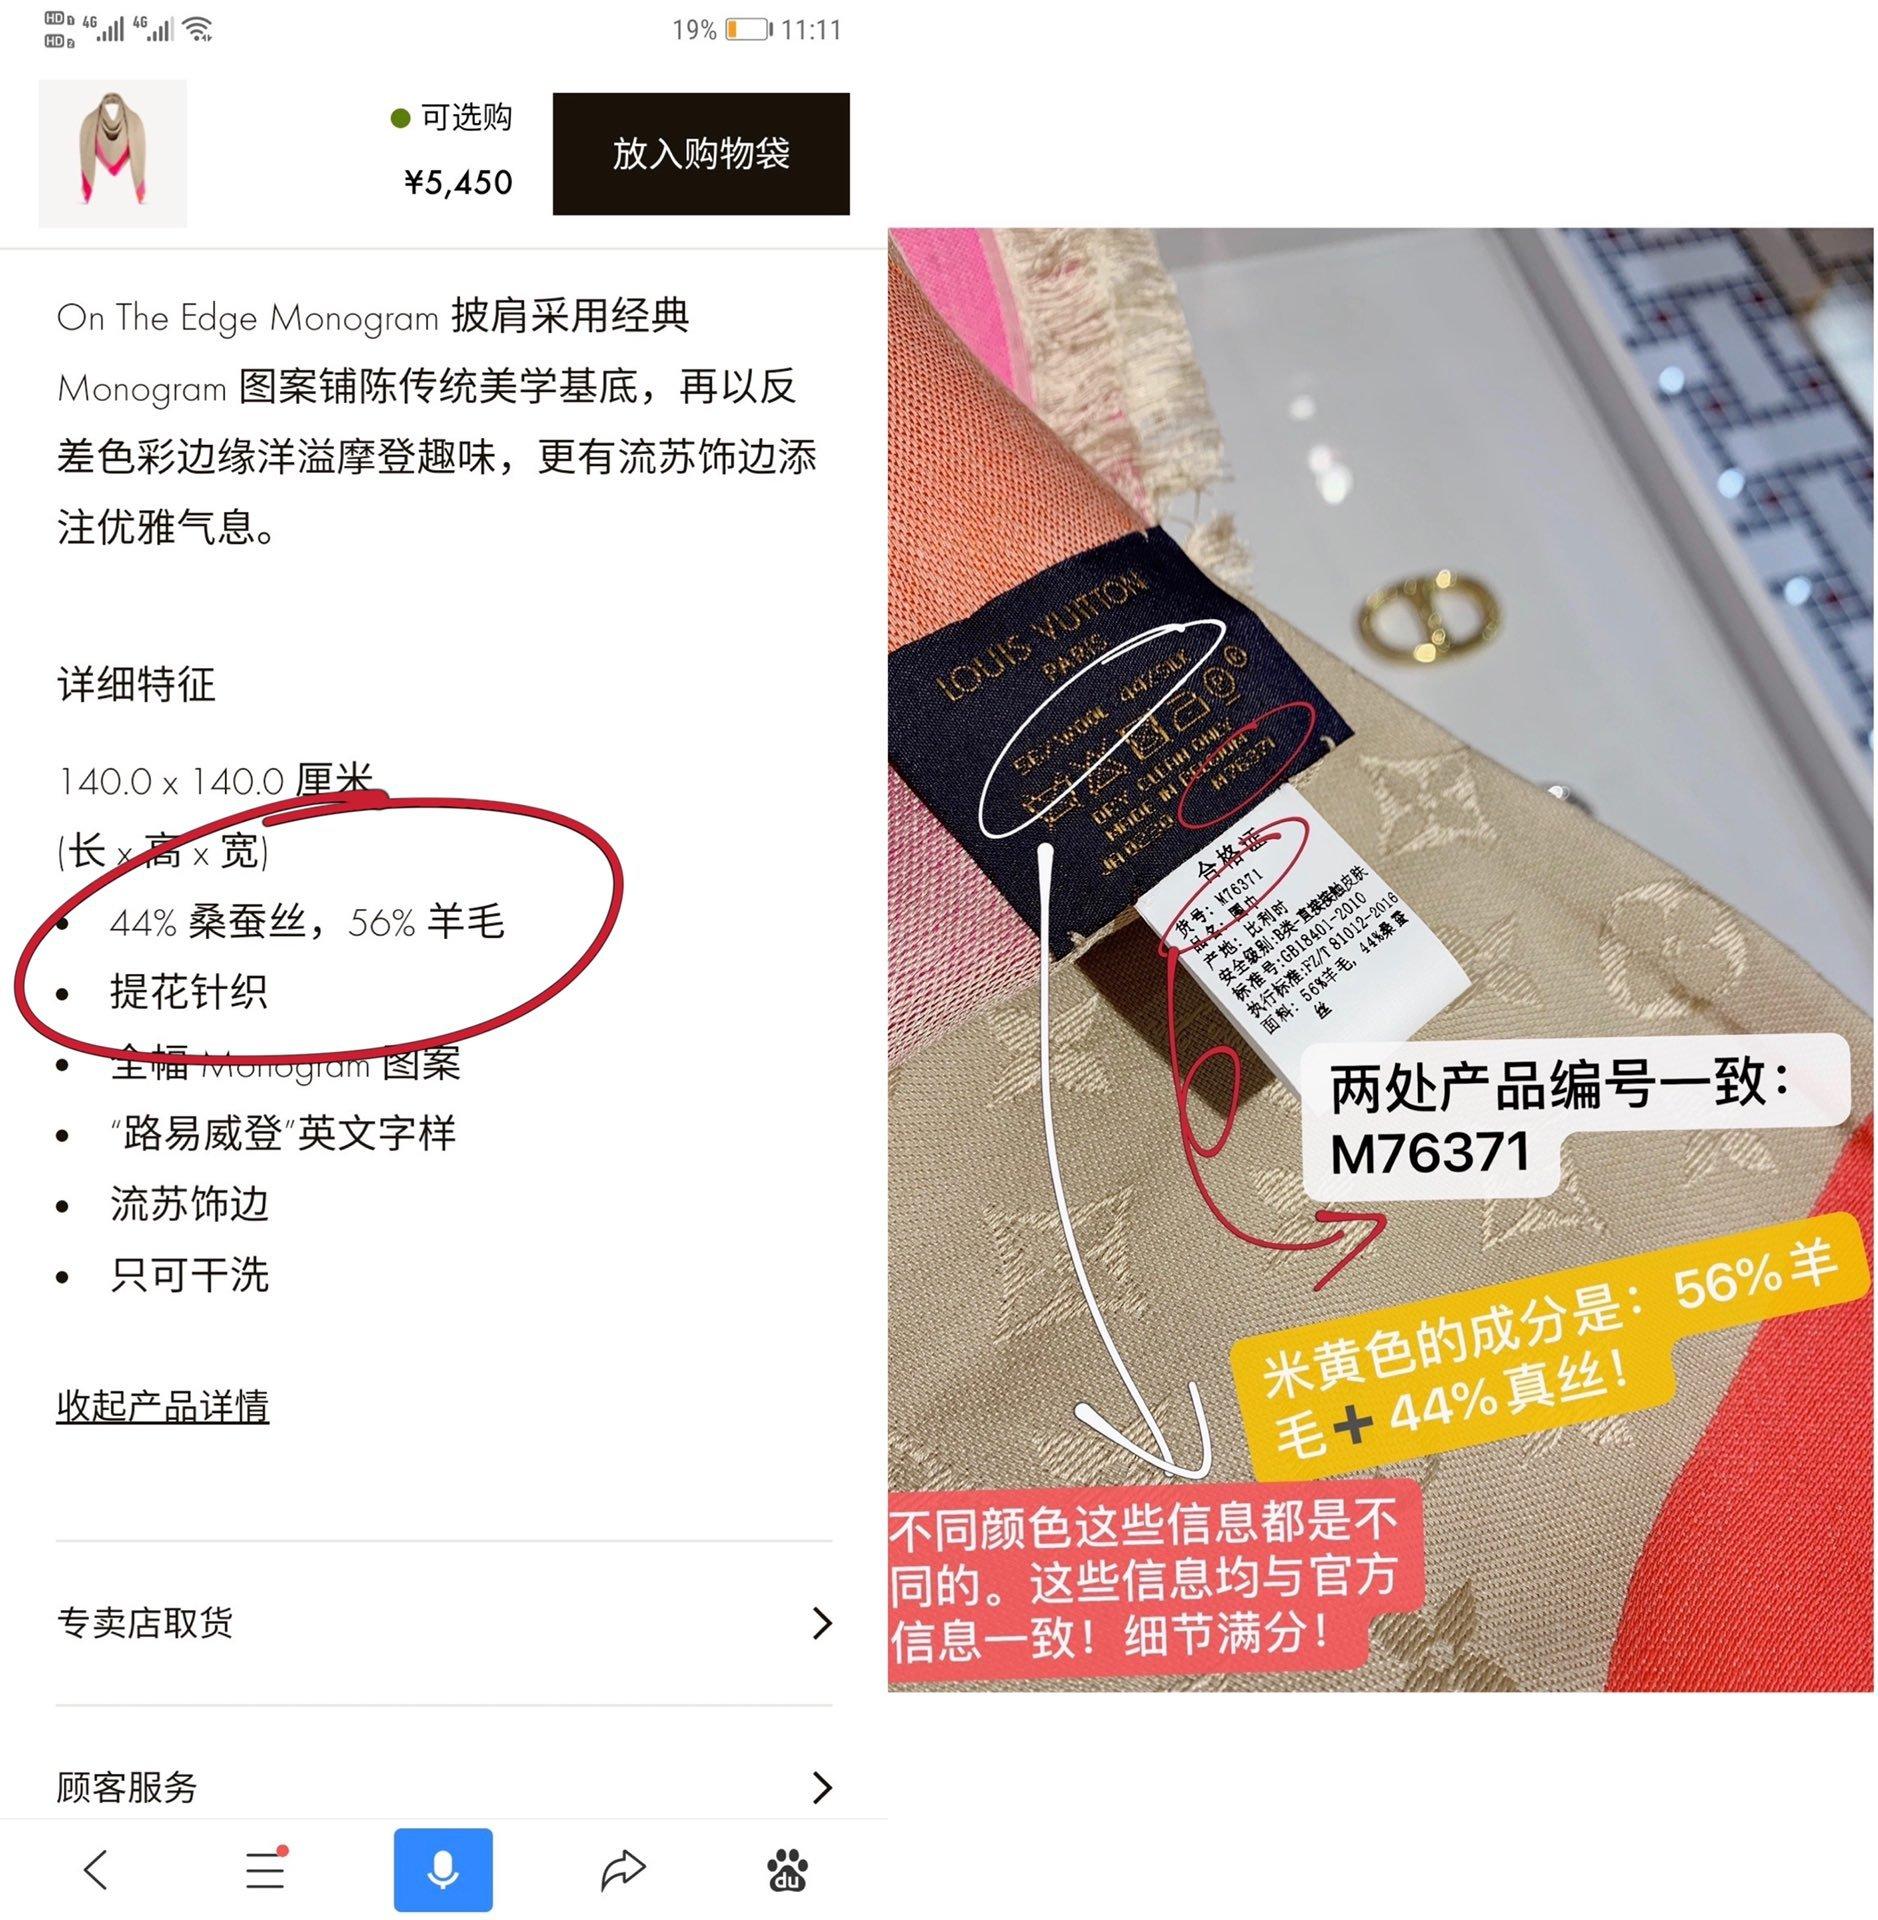 强烈推荐!!最好LV官方新色!!王牌